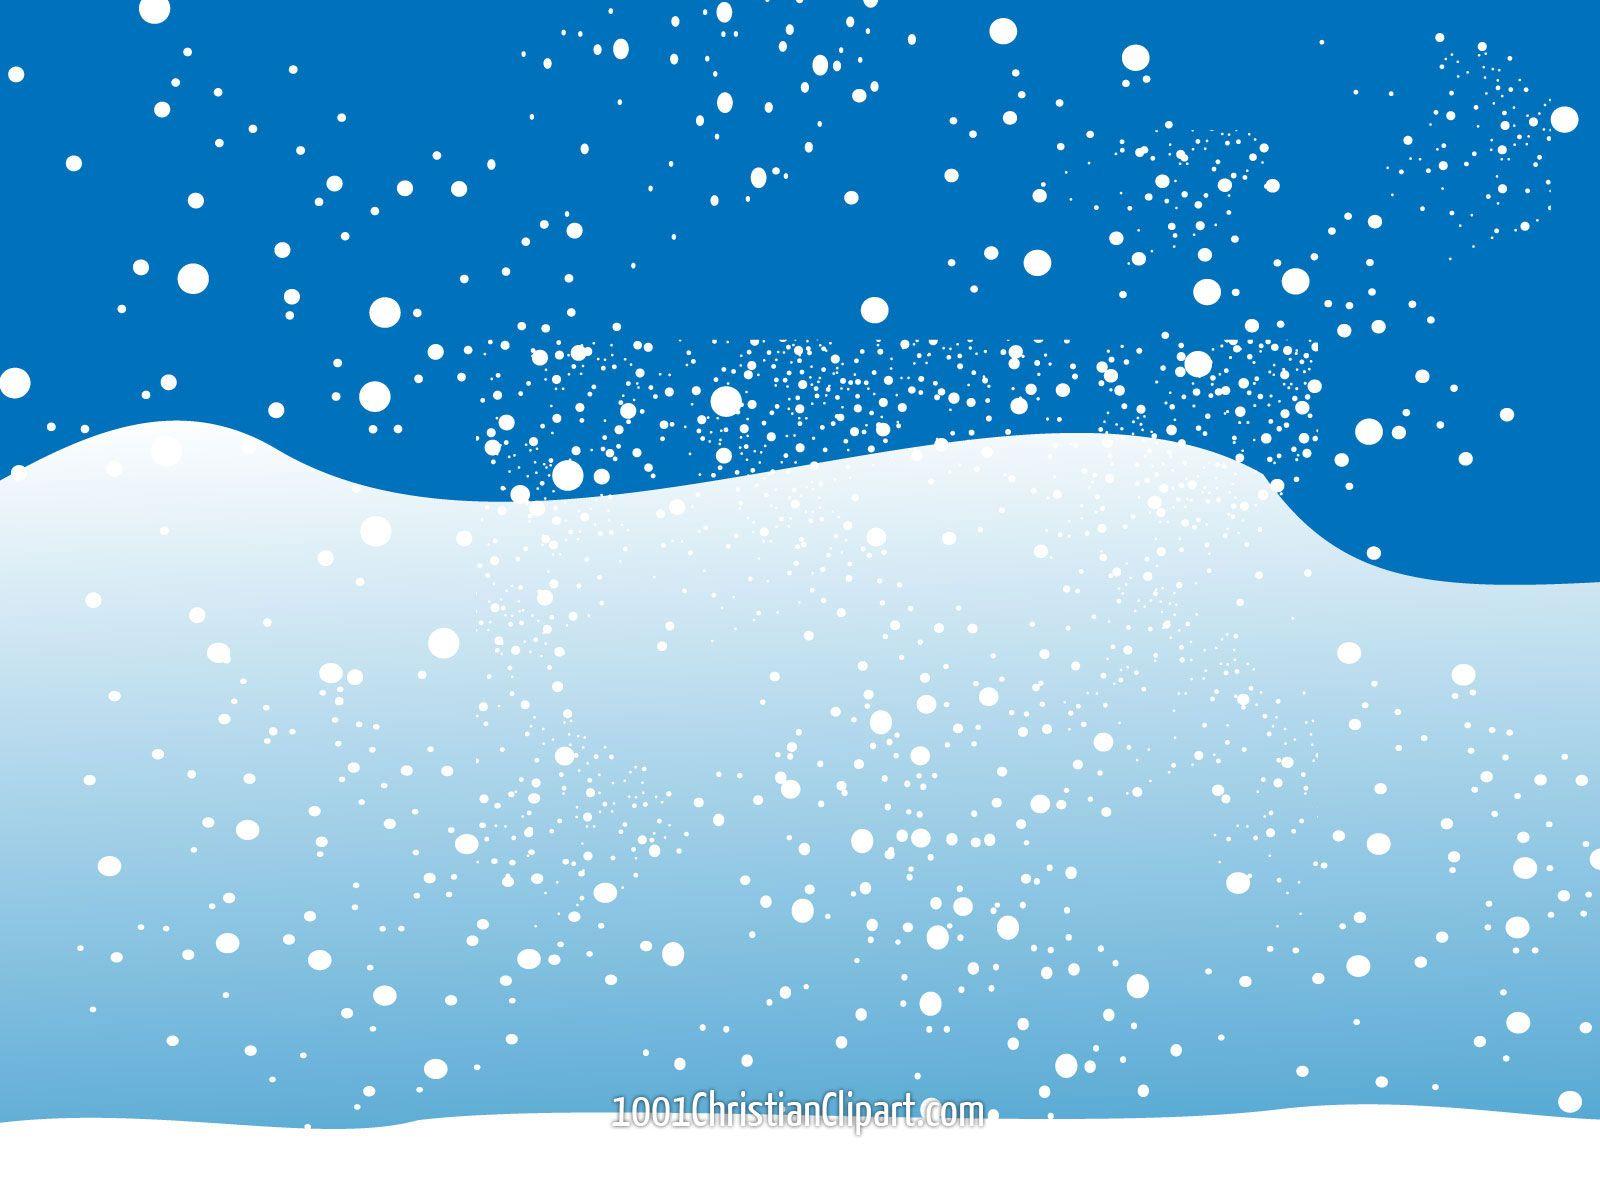 Christmas winter snow scene. Blizzard clipart snowclip